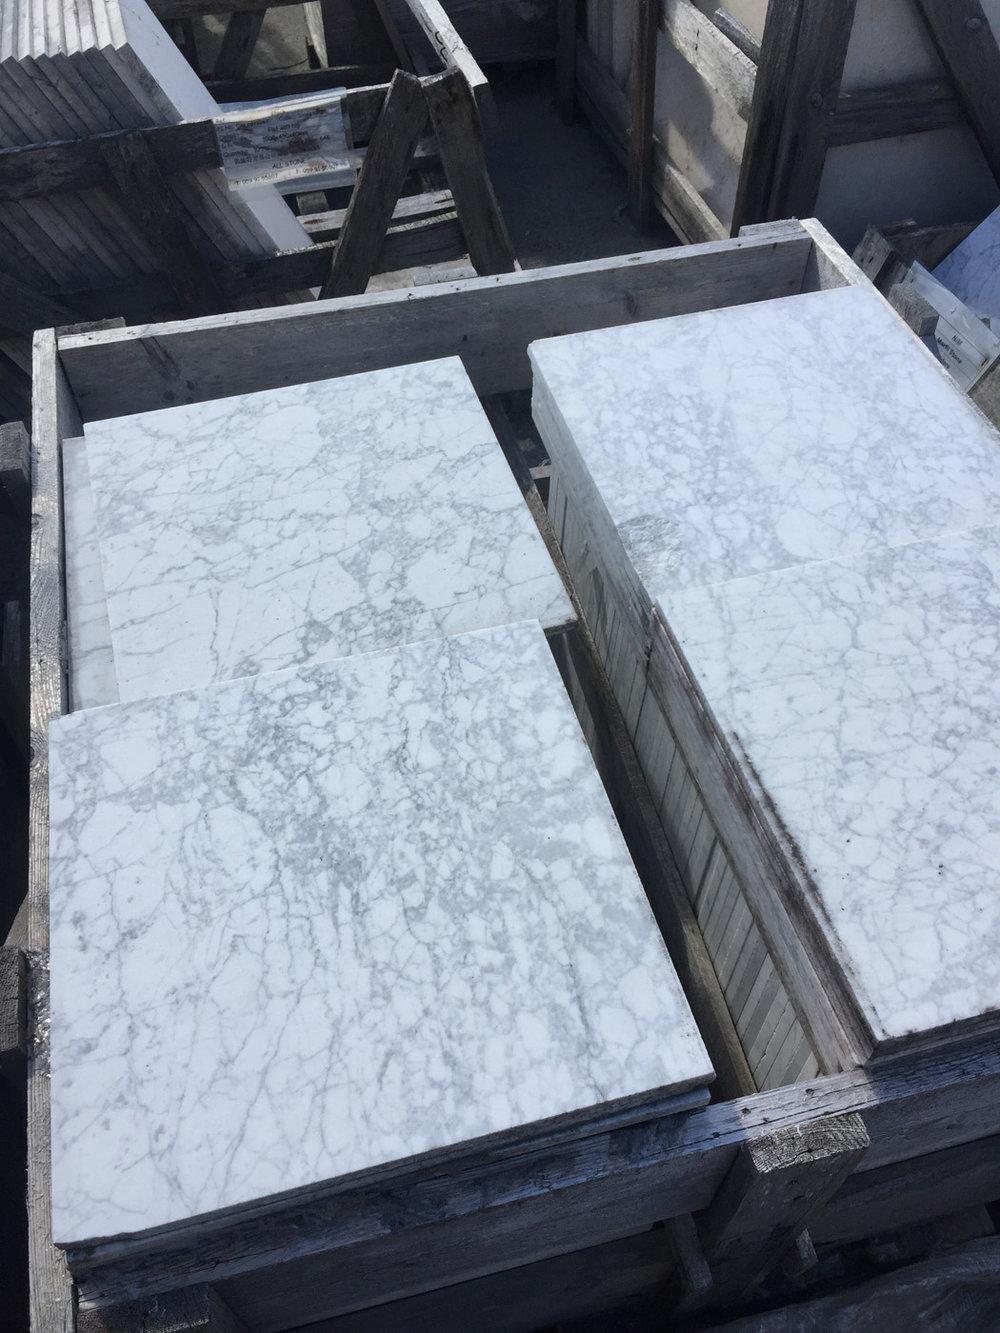 400x400x12mm honed carrara tiles @ €50/sqm